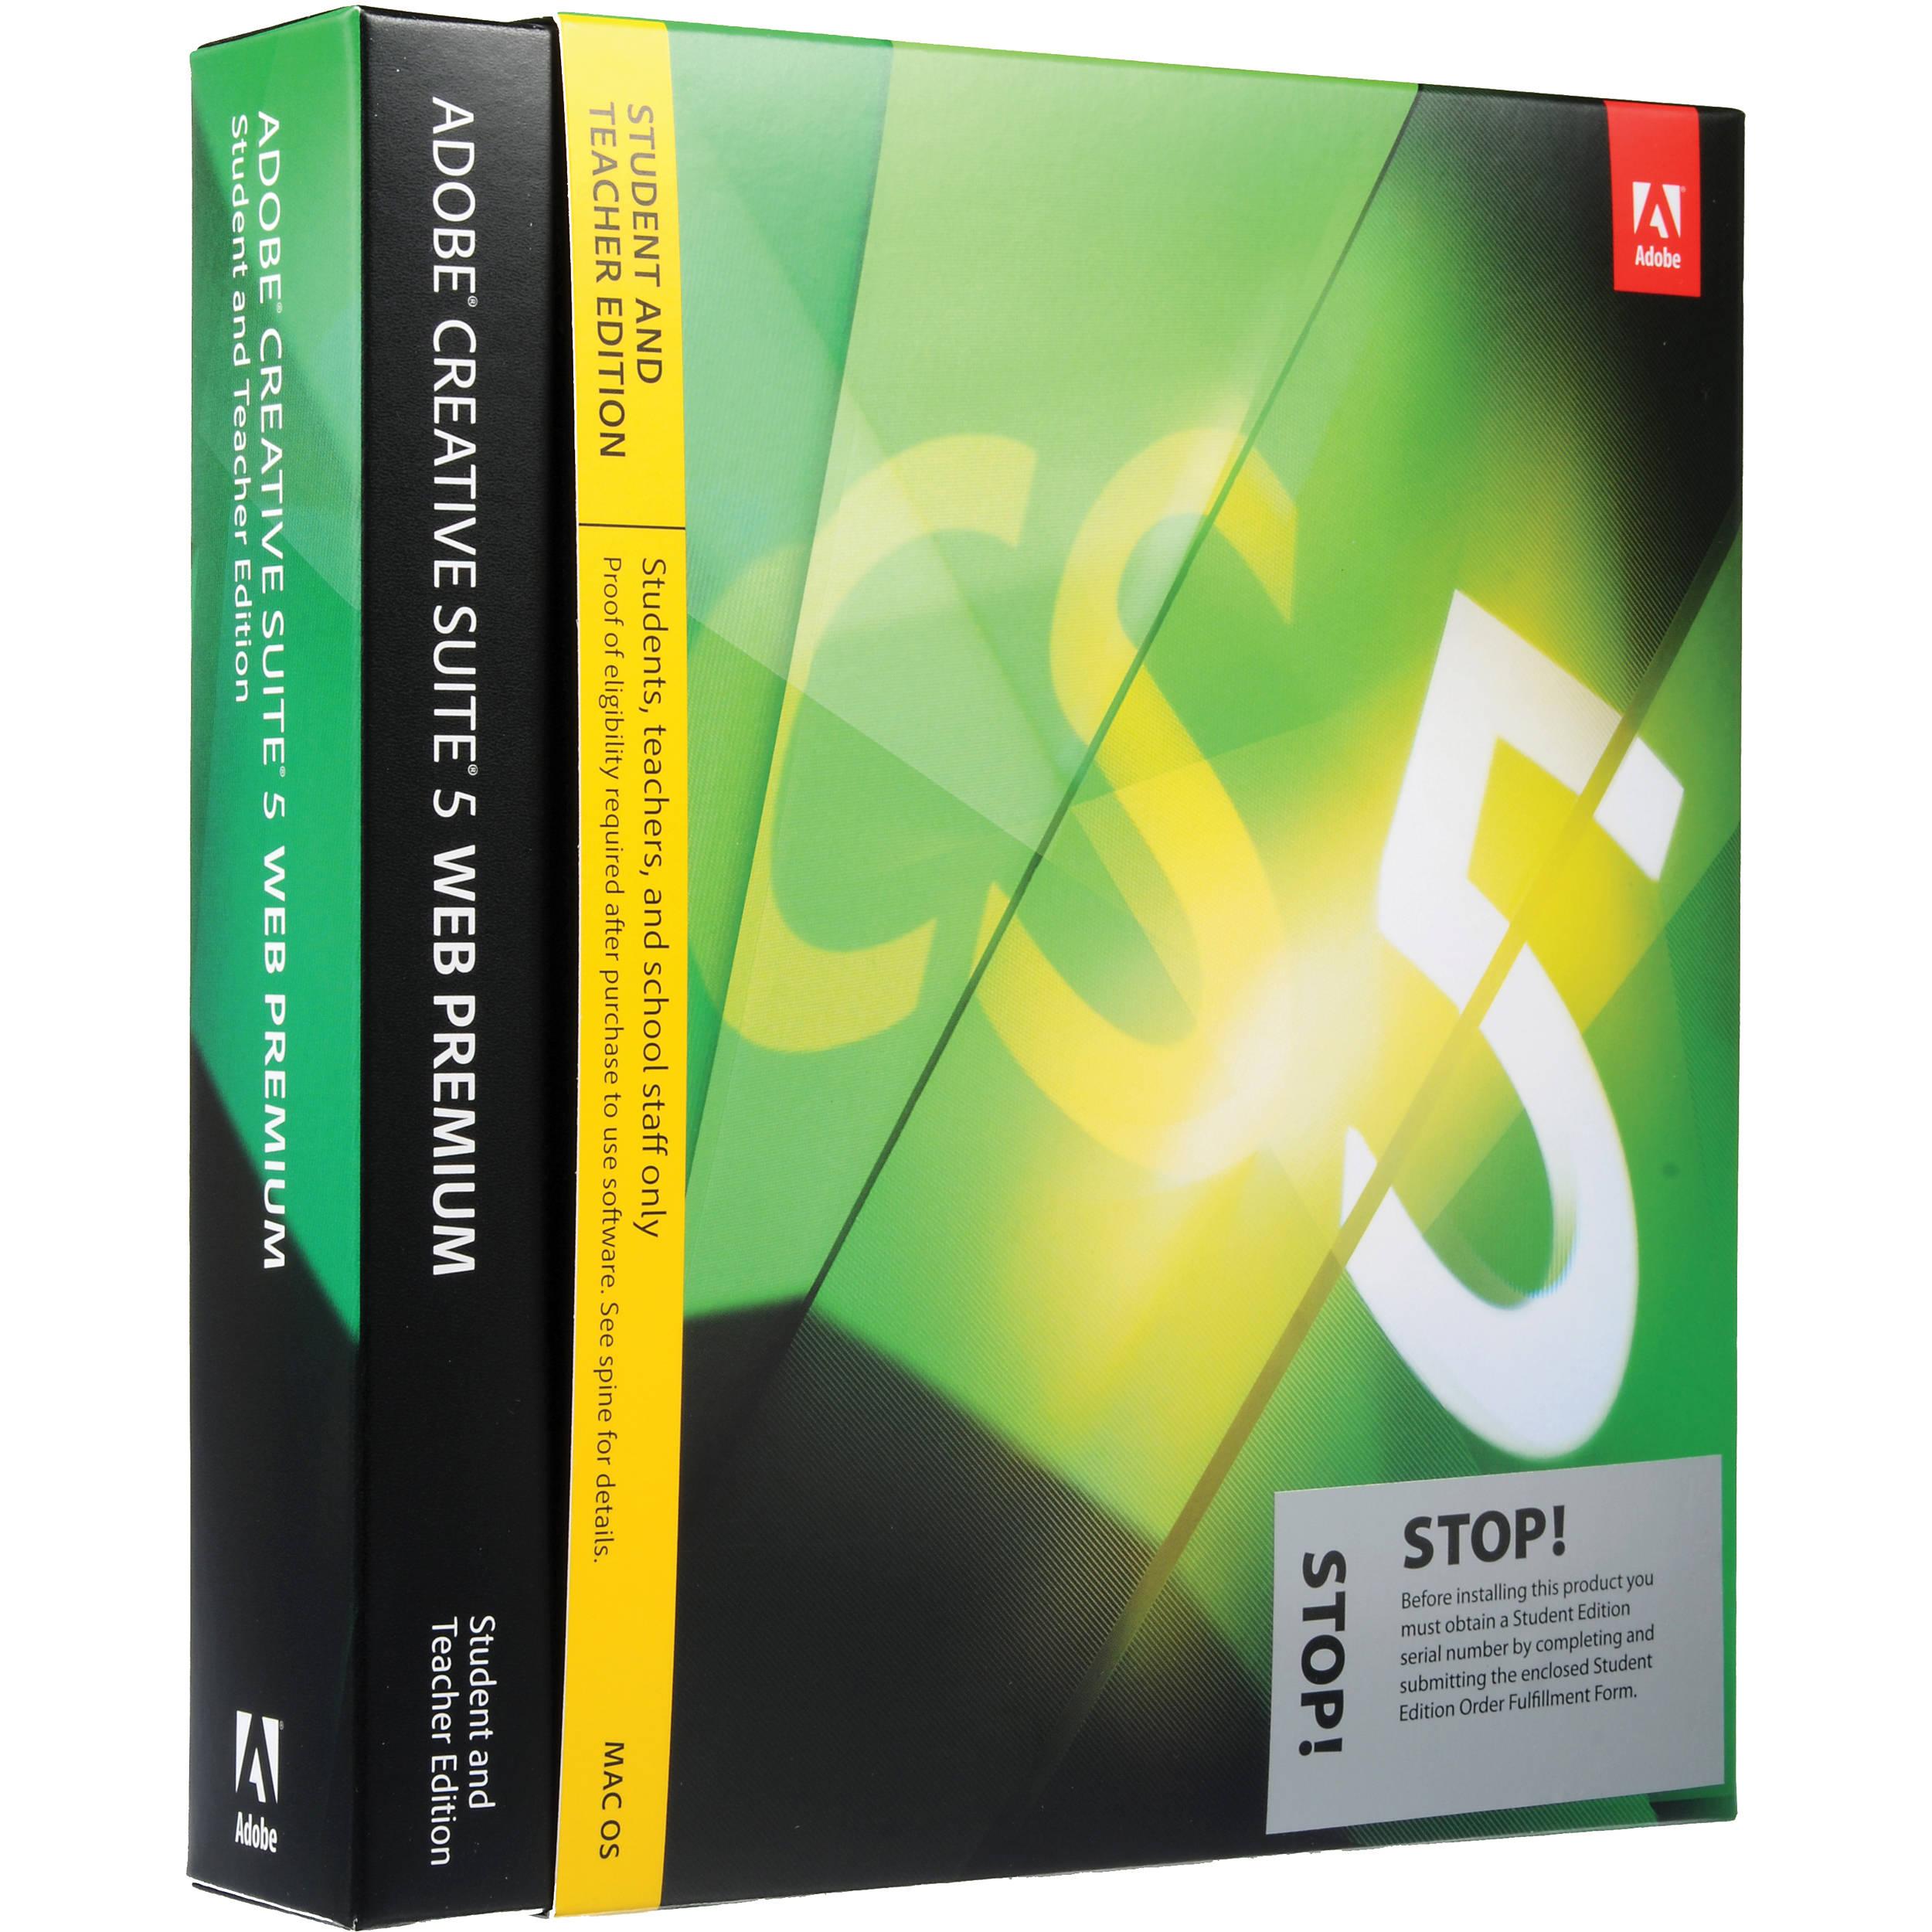 Web Design 4 (Adobe Creative Suite 5.5 Web Premium)